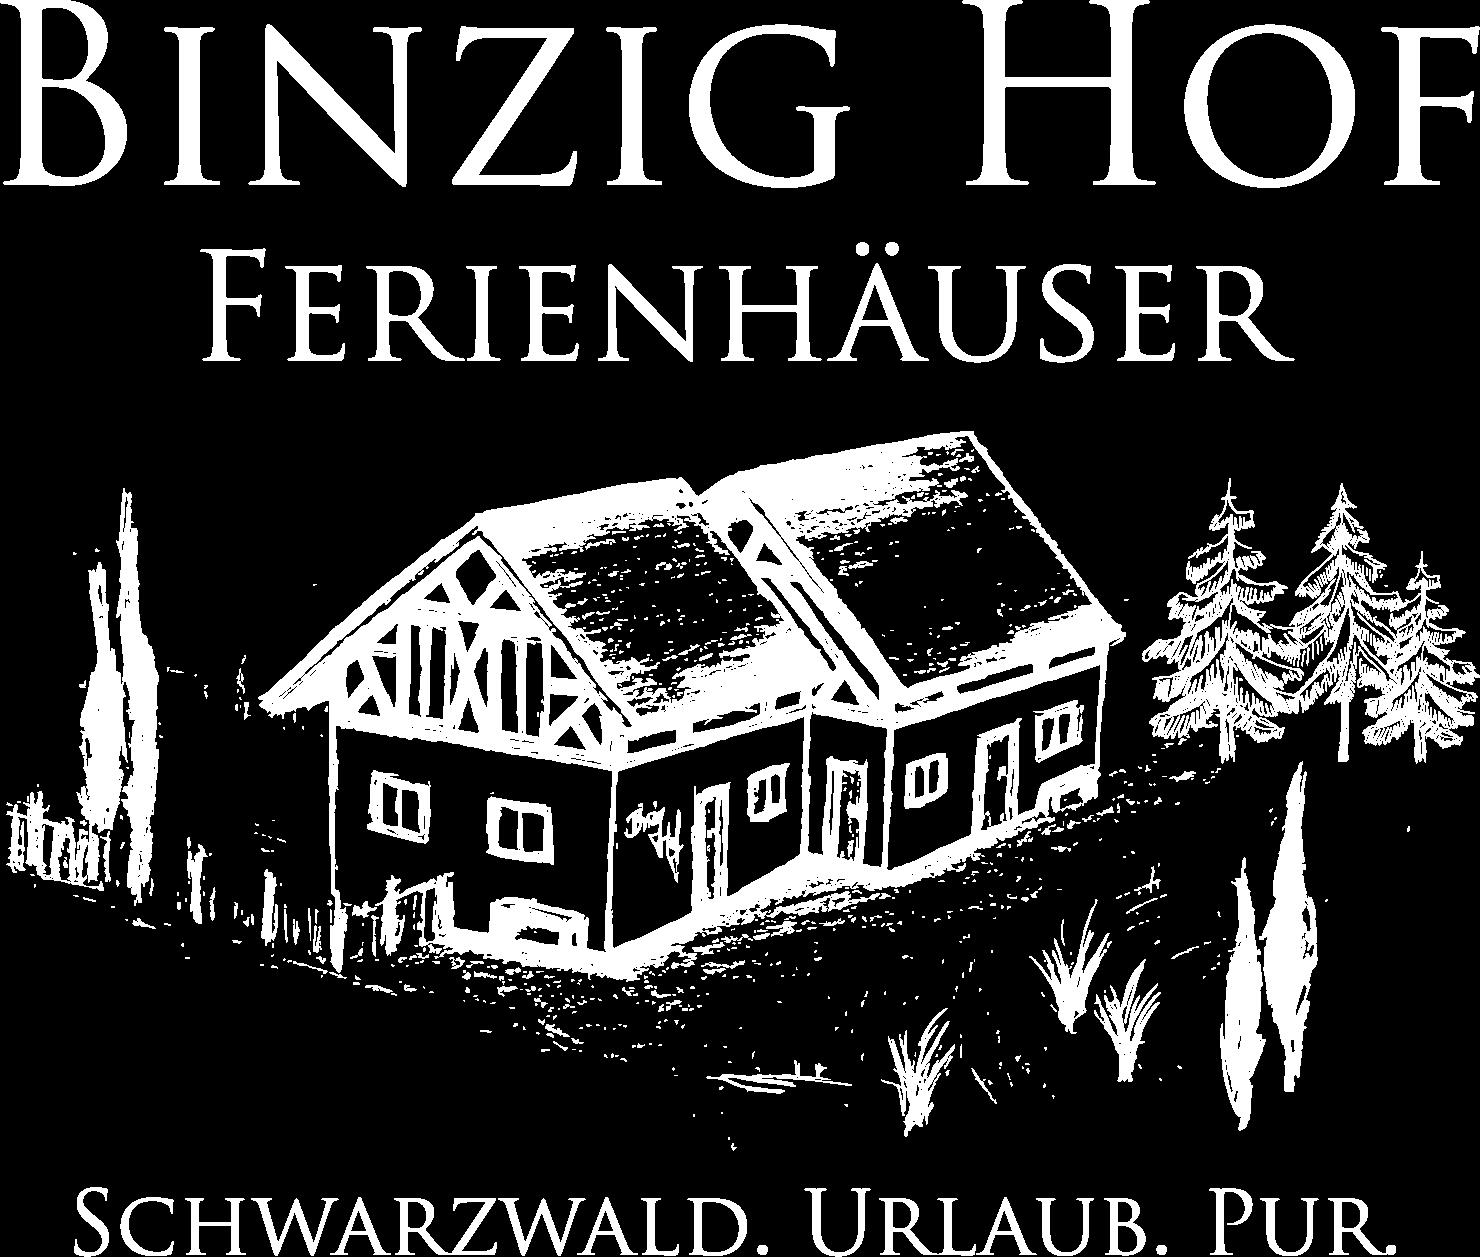 Ferienhäuser Binzighof